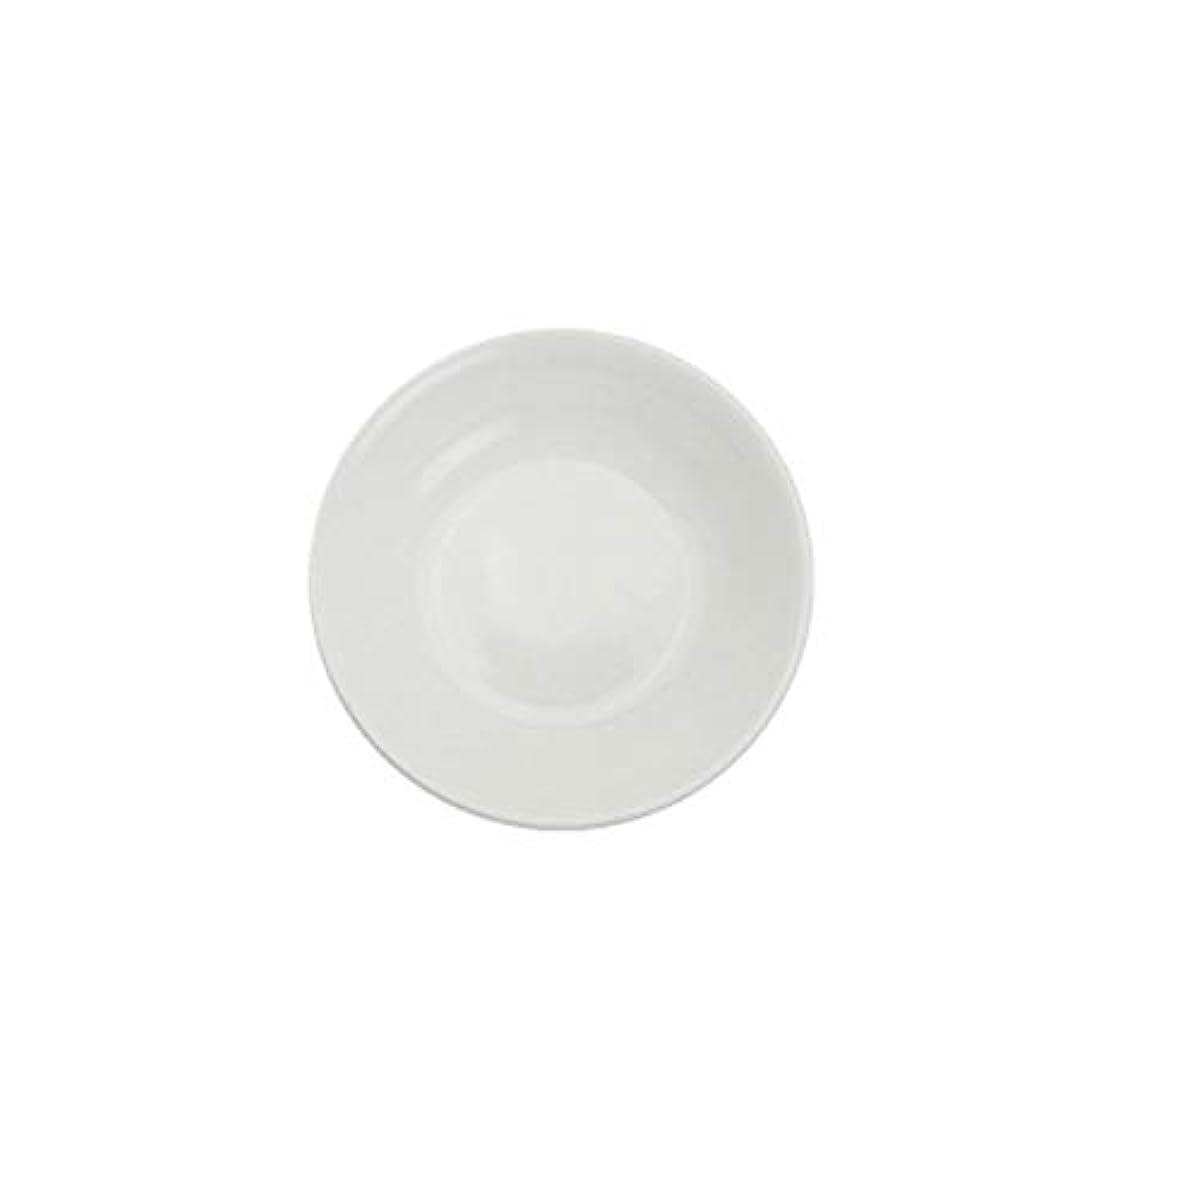 施し息苦しい水銀のお換えのお皿 白いお皿 茶香炉 陶器茶香炉 茶こうろ 茶 インテリア アロマディフューザー 精油和風 アロマ リビング セットお皿だけ